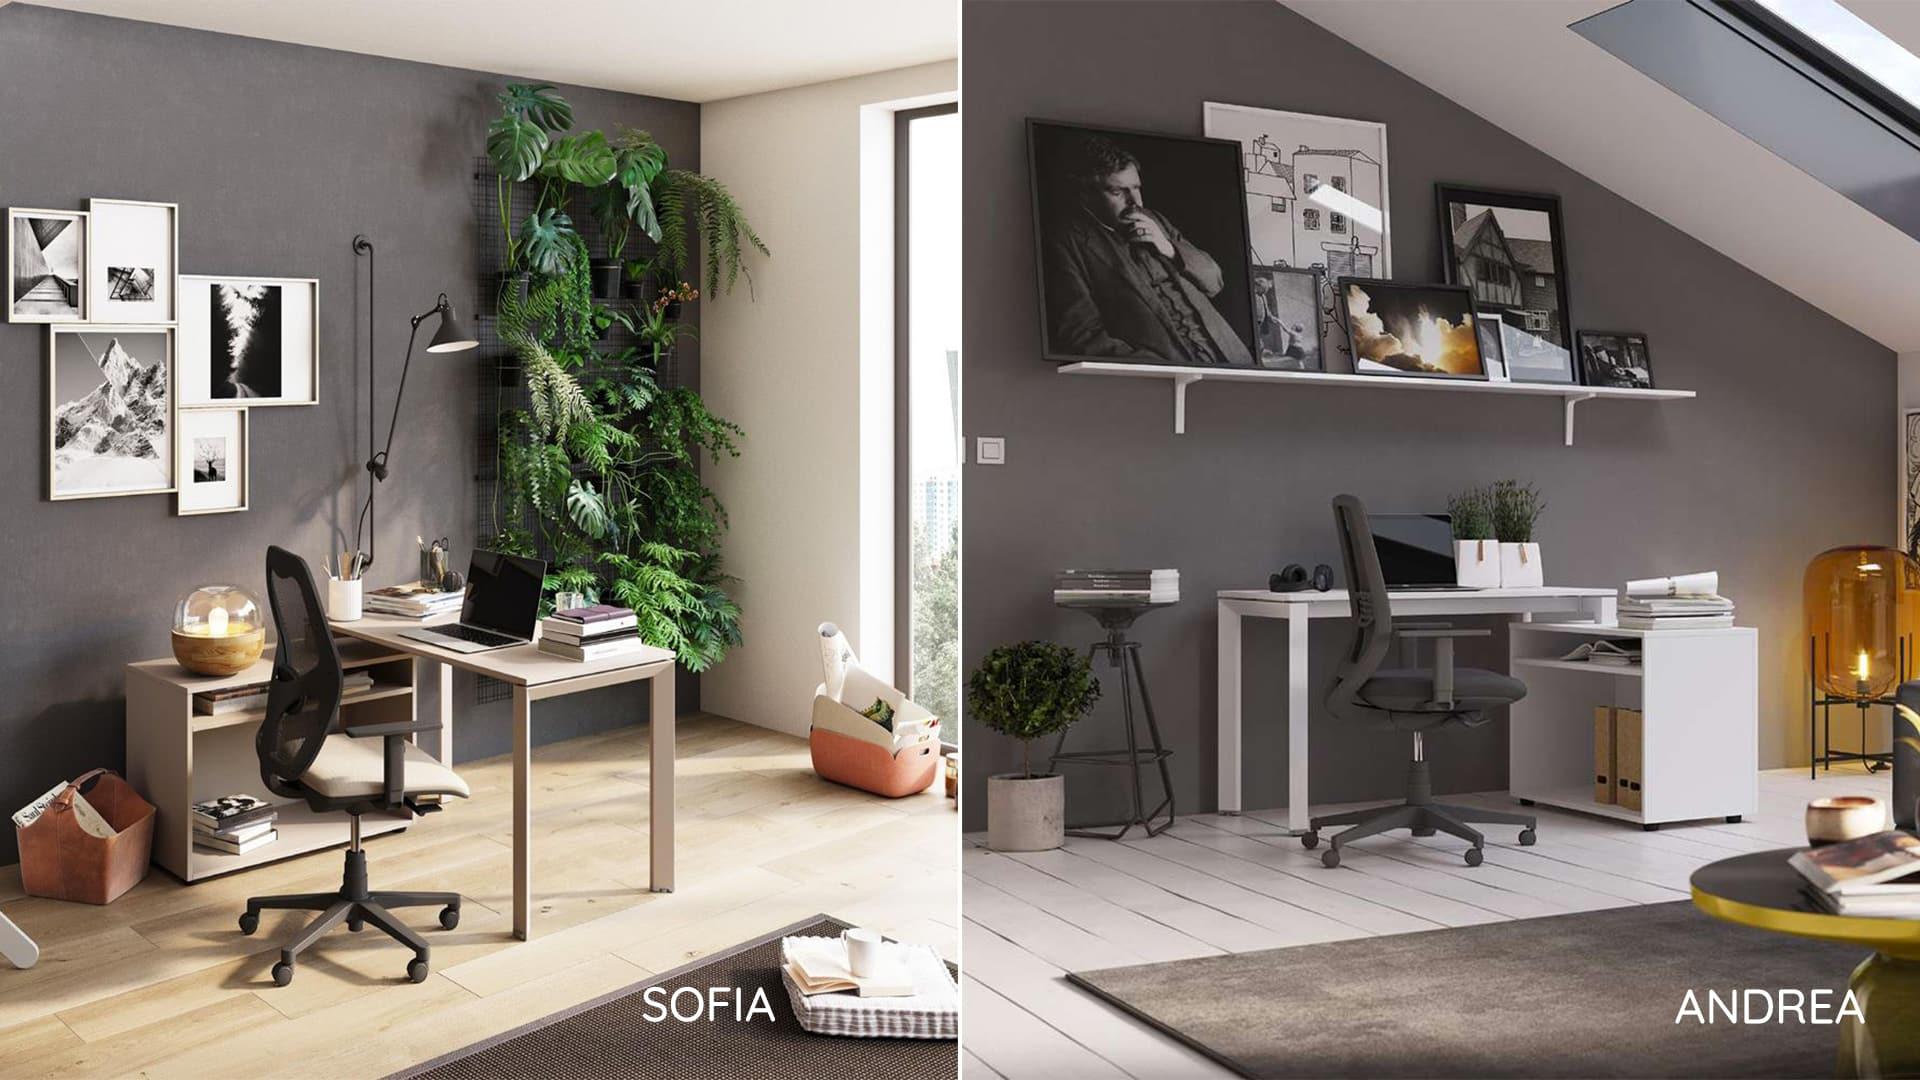 sofia_andrea